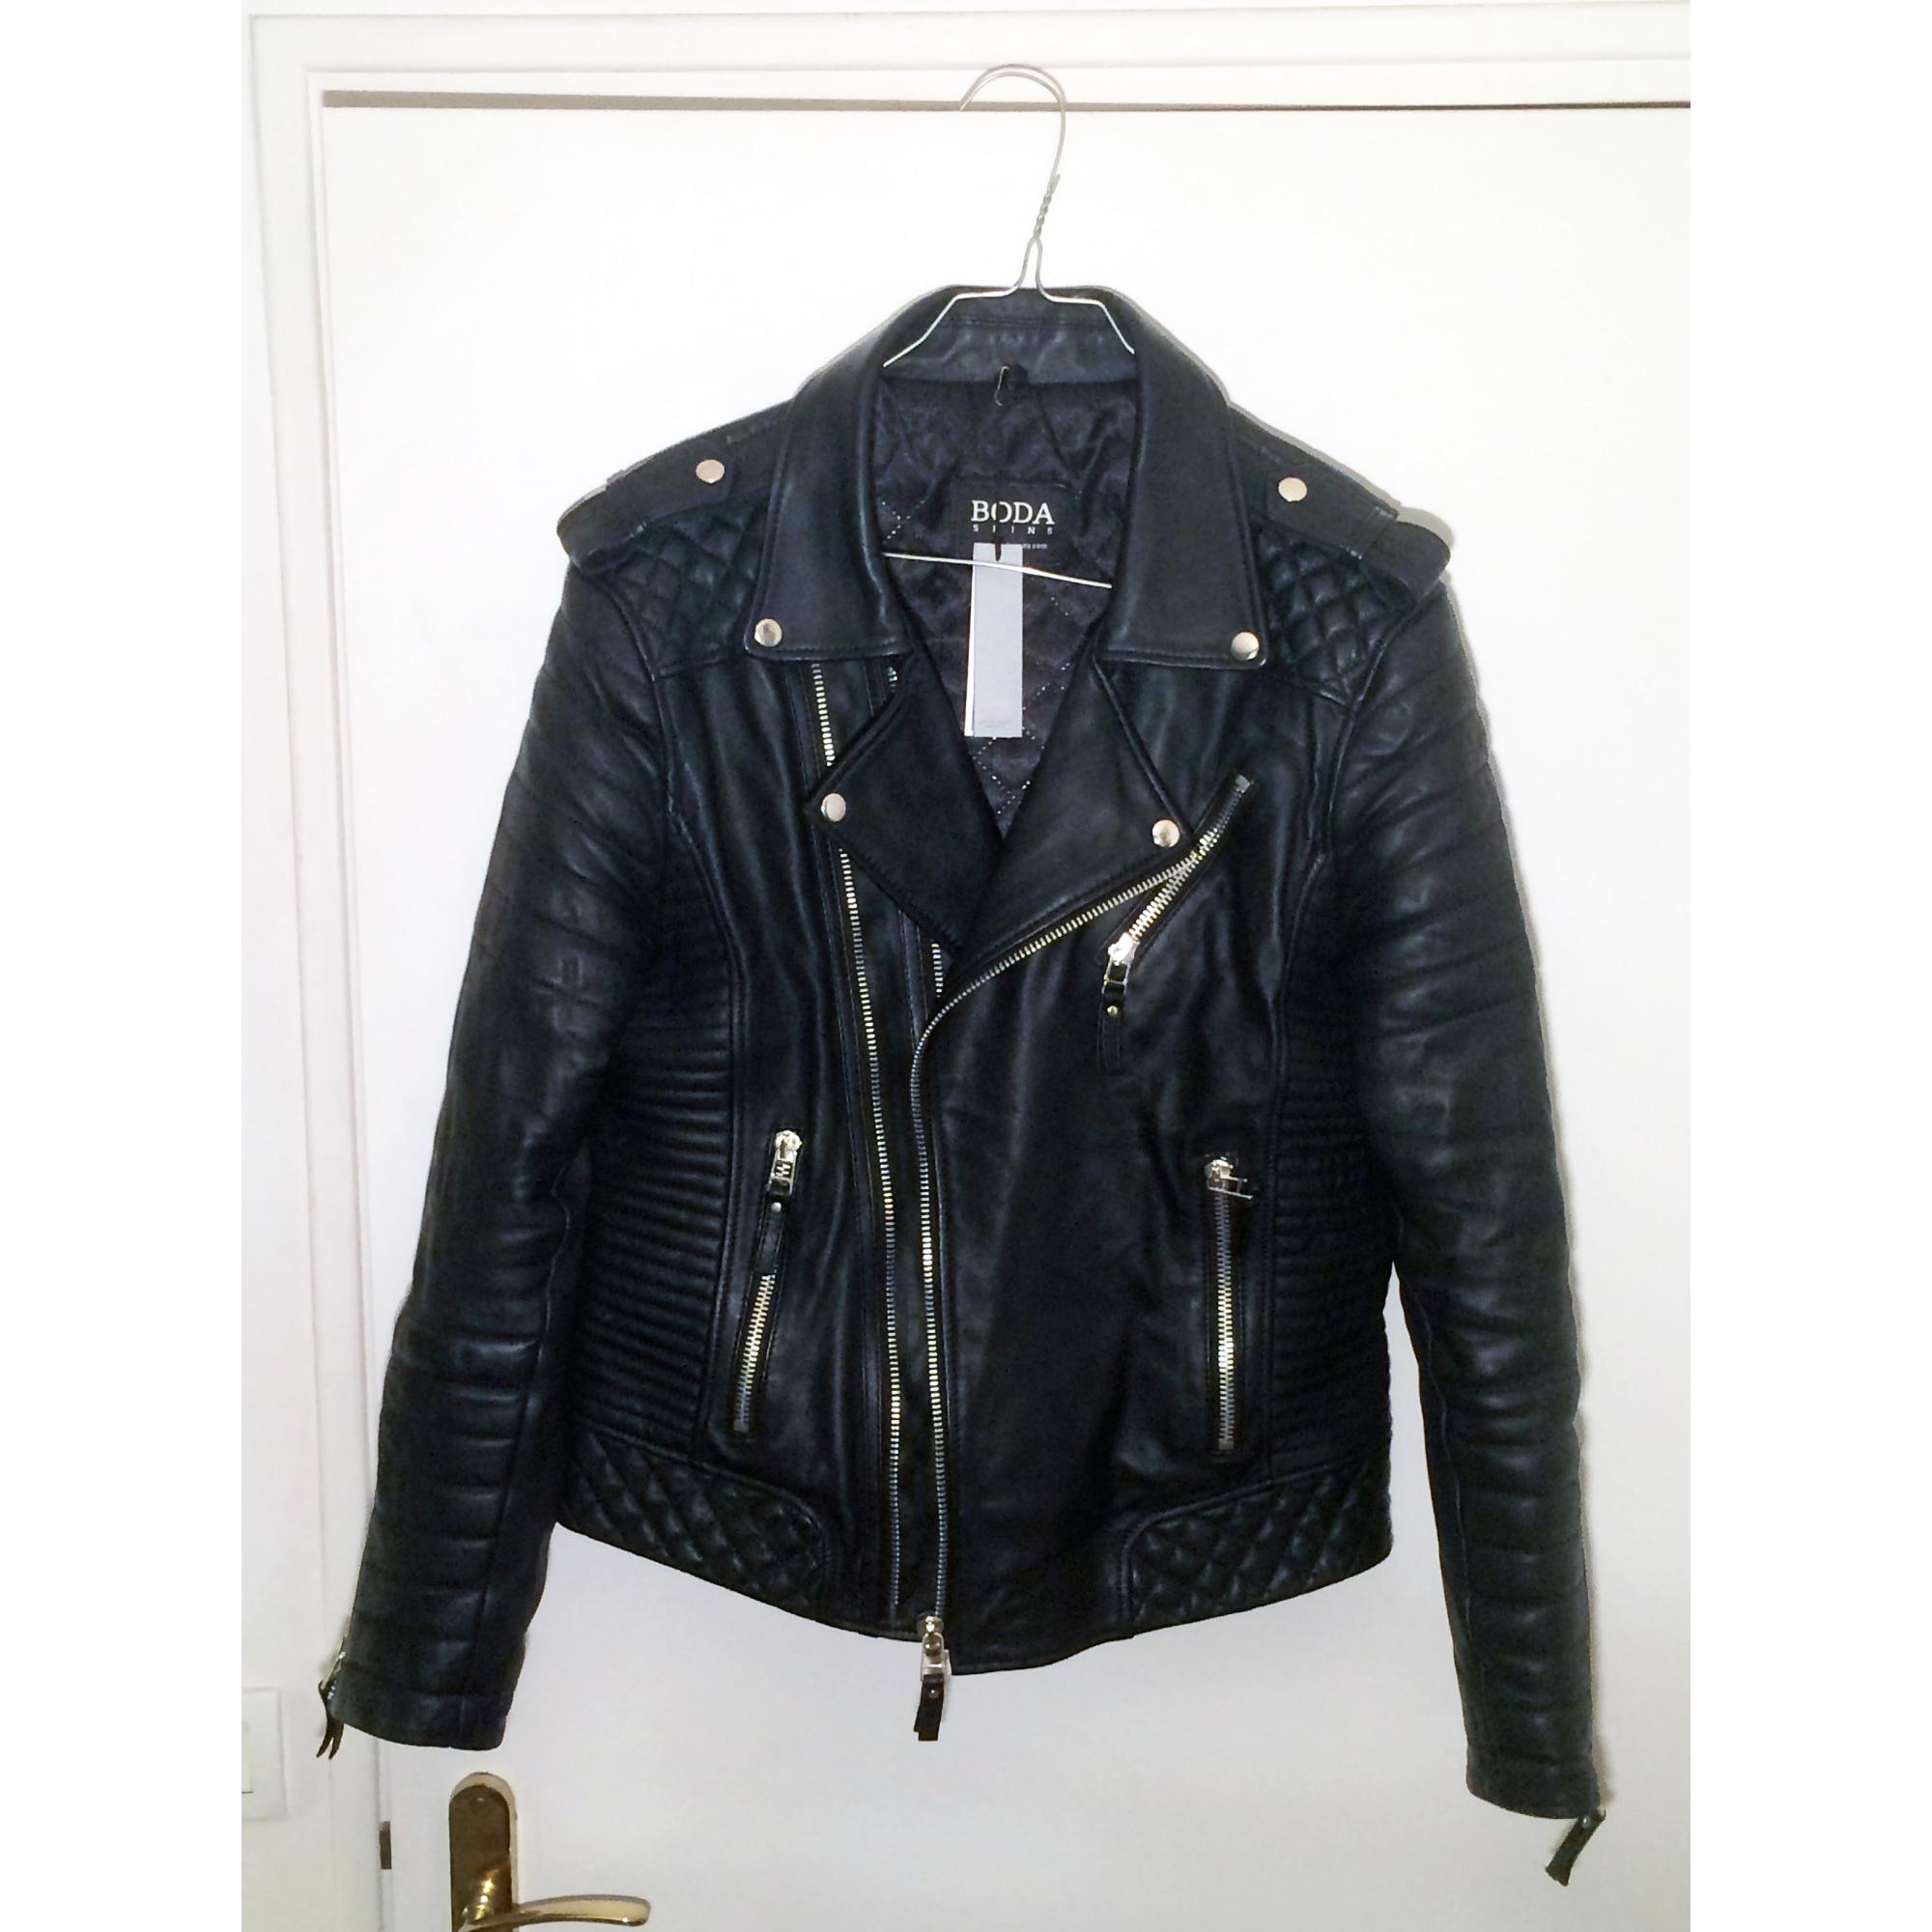 Veste en cuir BODA SKINS 52 (L) noir vendu par Maxorio - 4232809 1140eb820b2